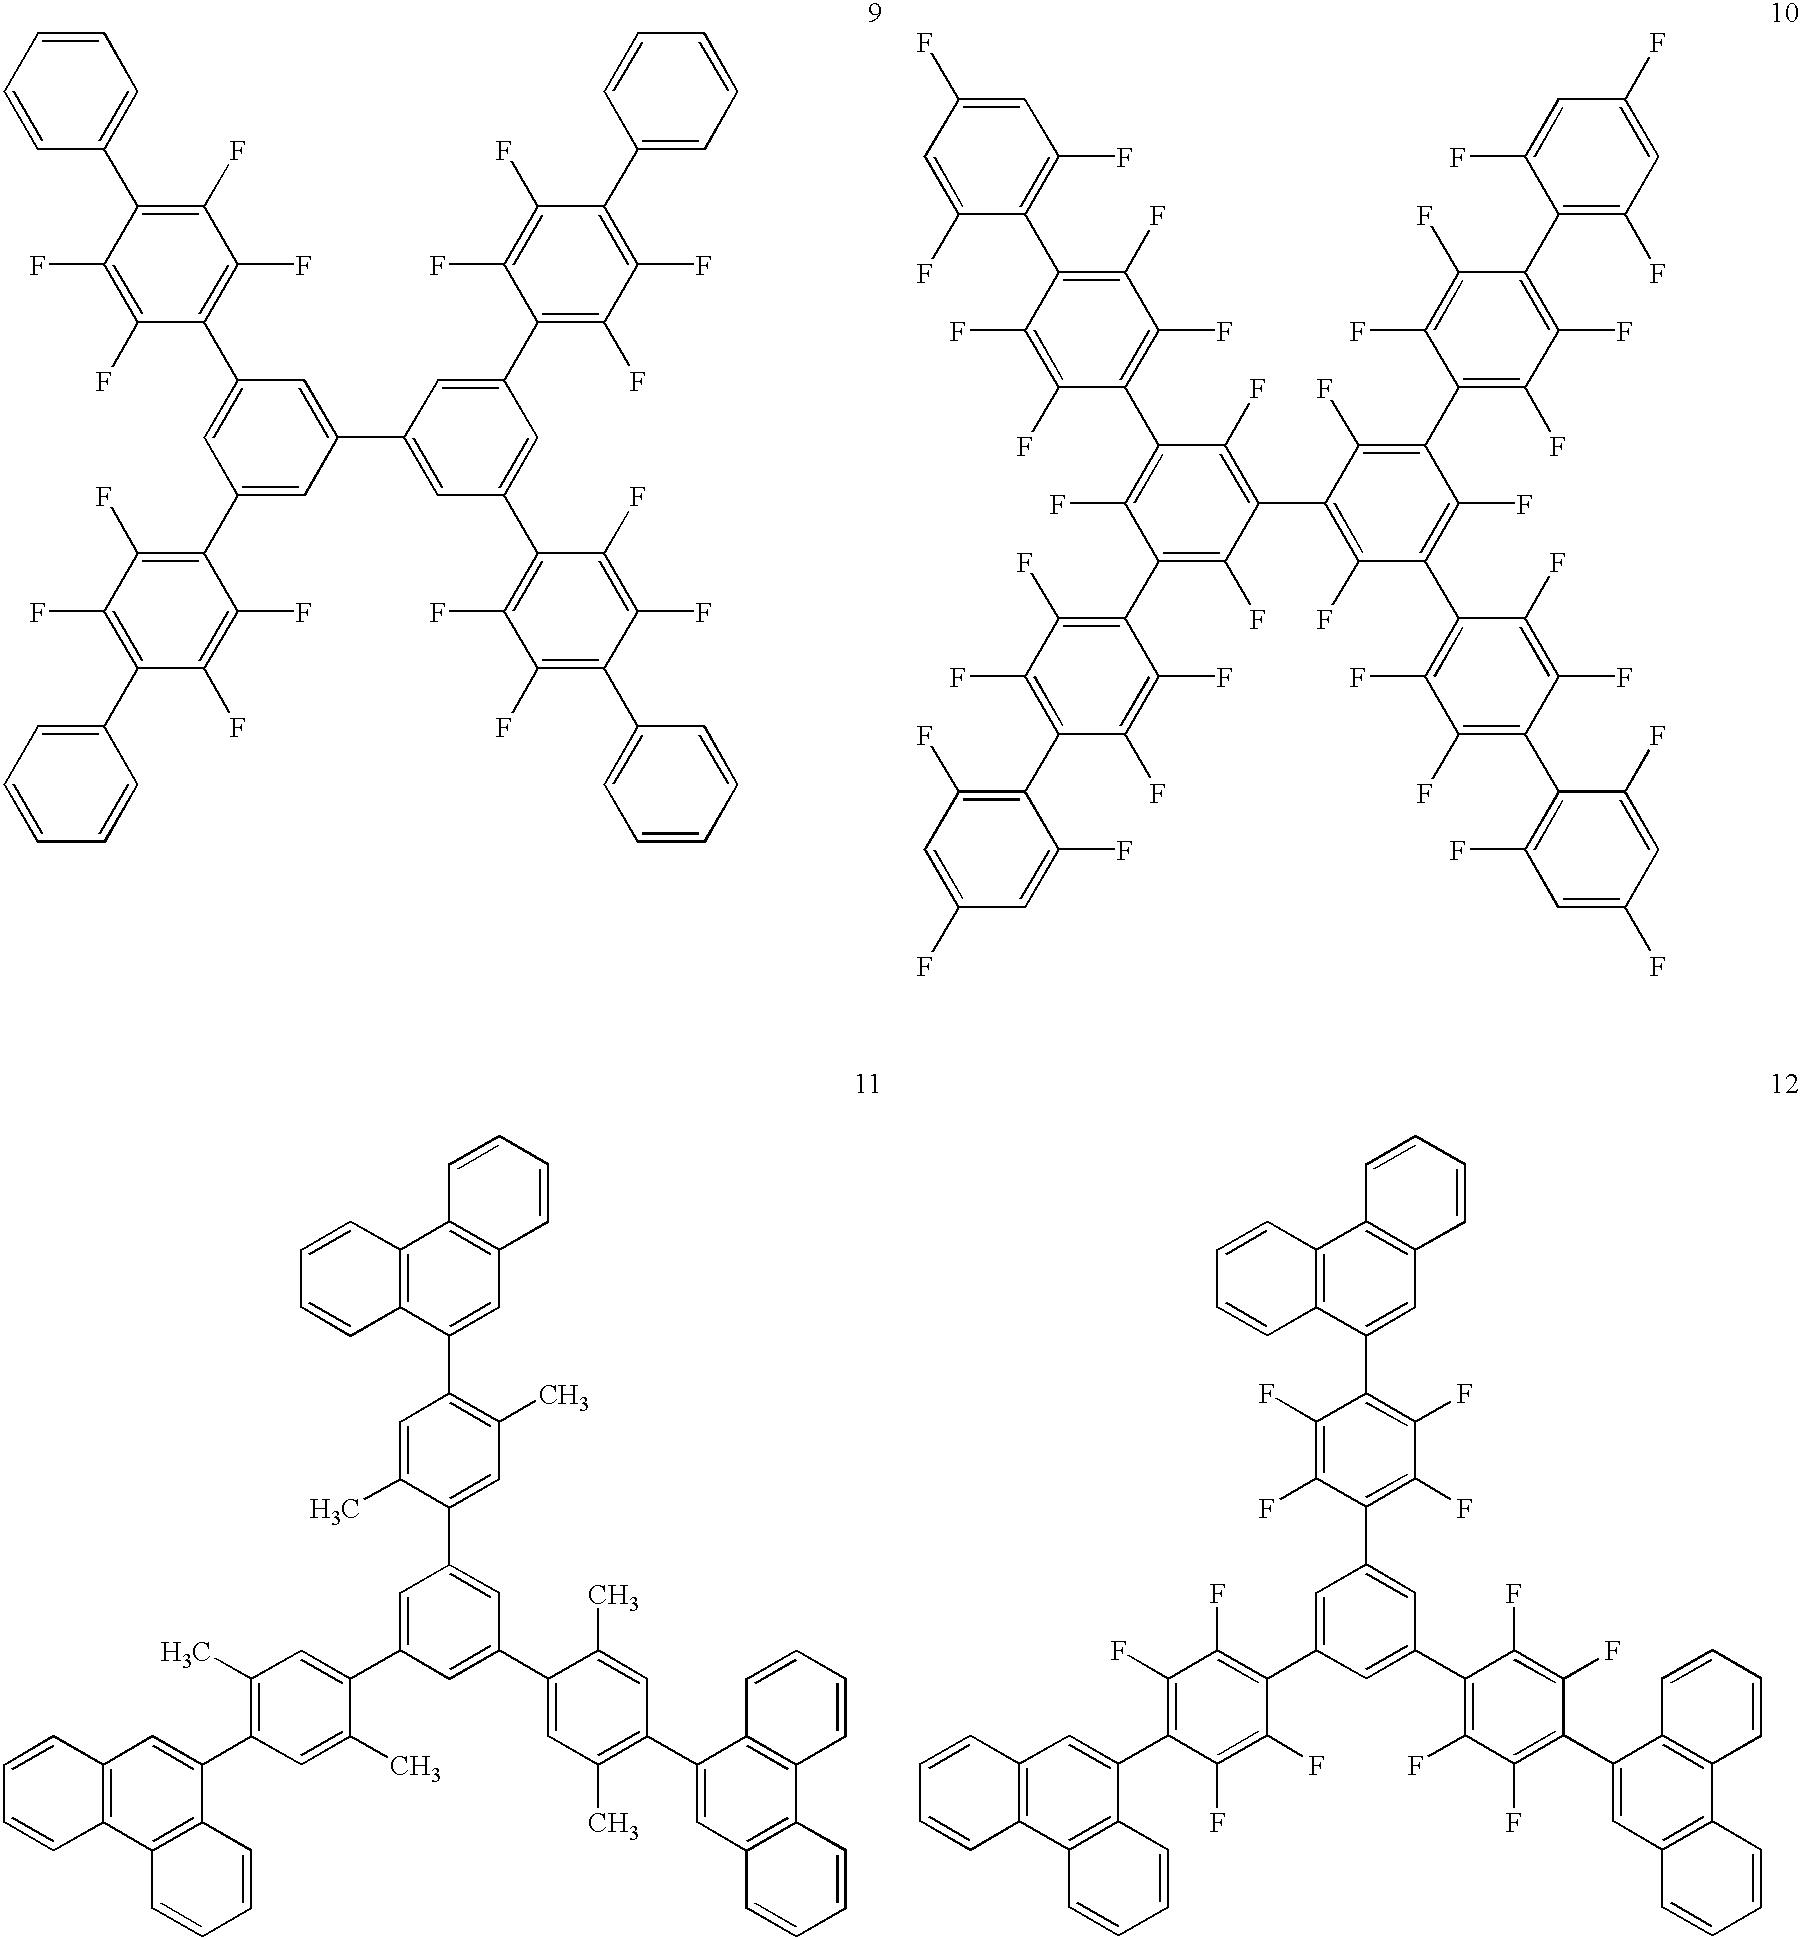 Figure US06750608-20040615-C00020